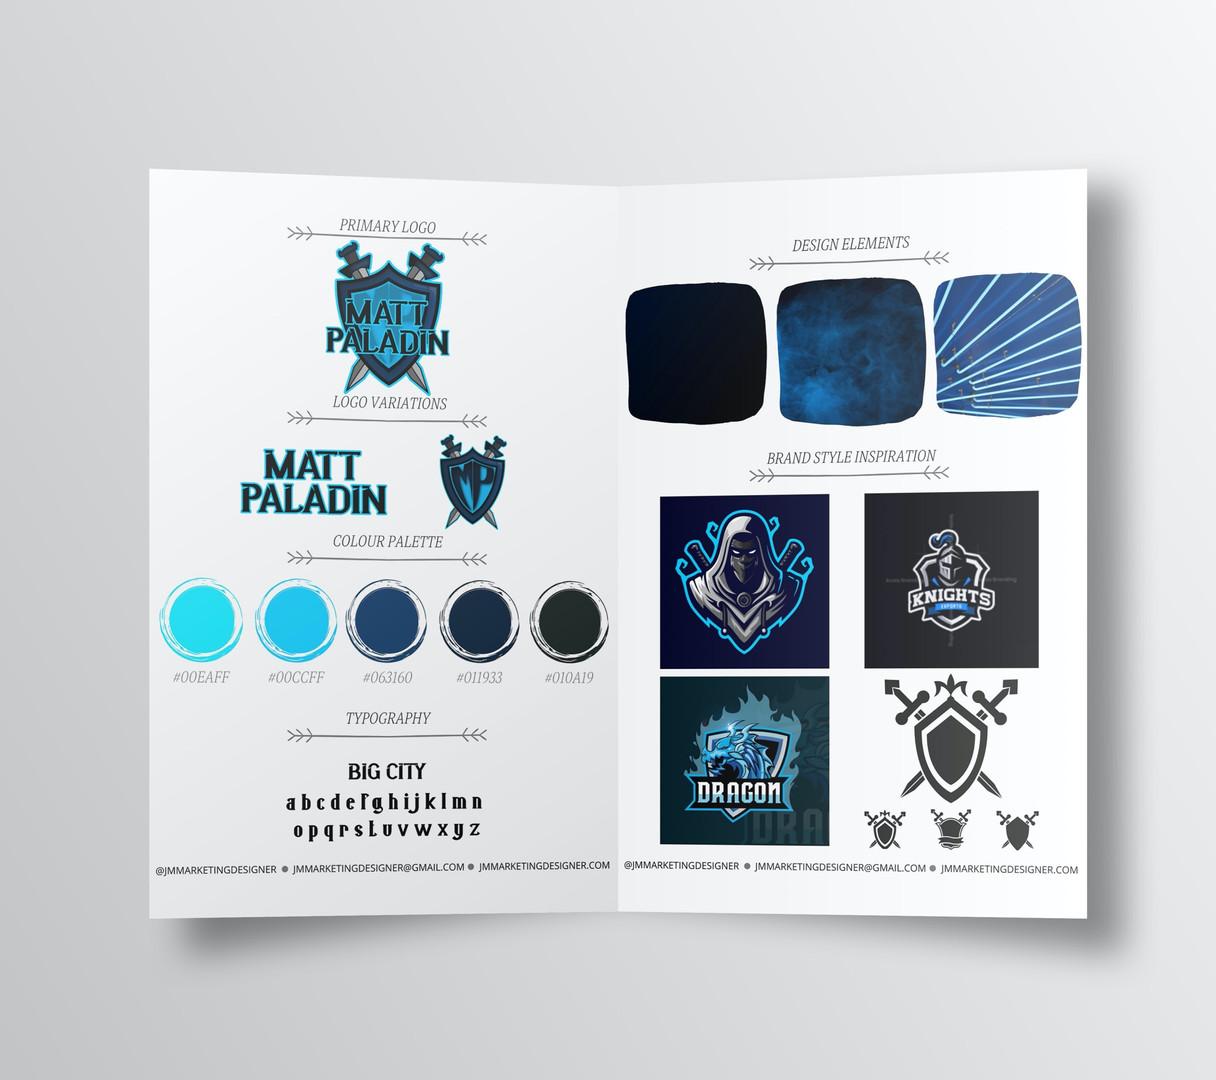 Branding File Mockup Matt Paladin.jpg